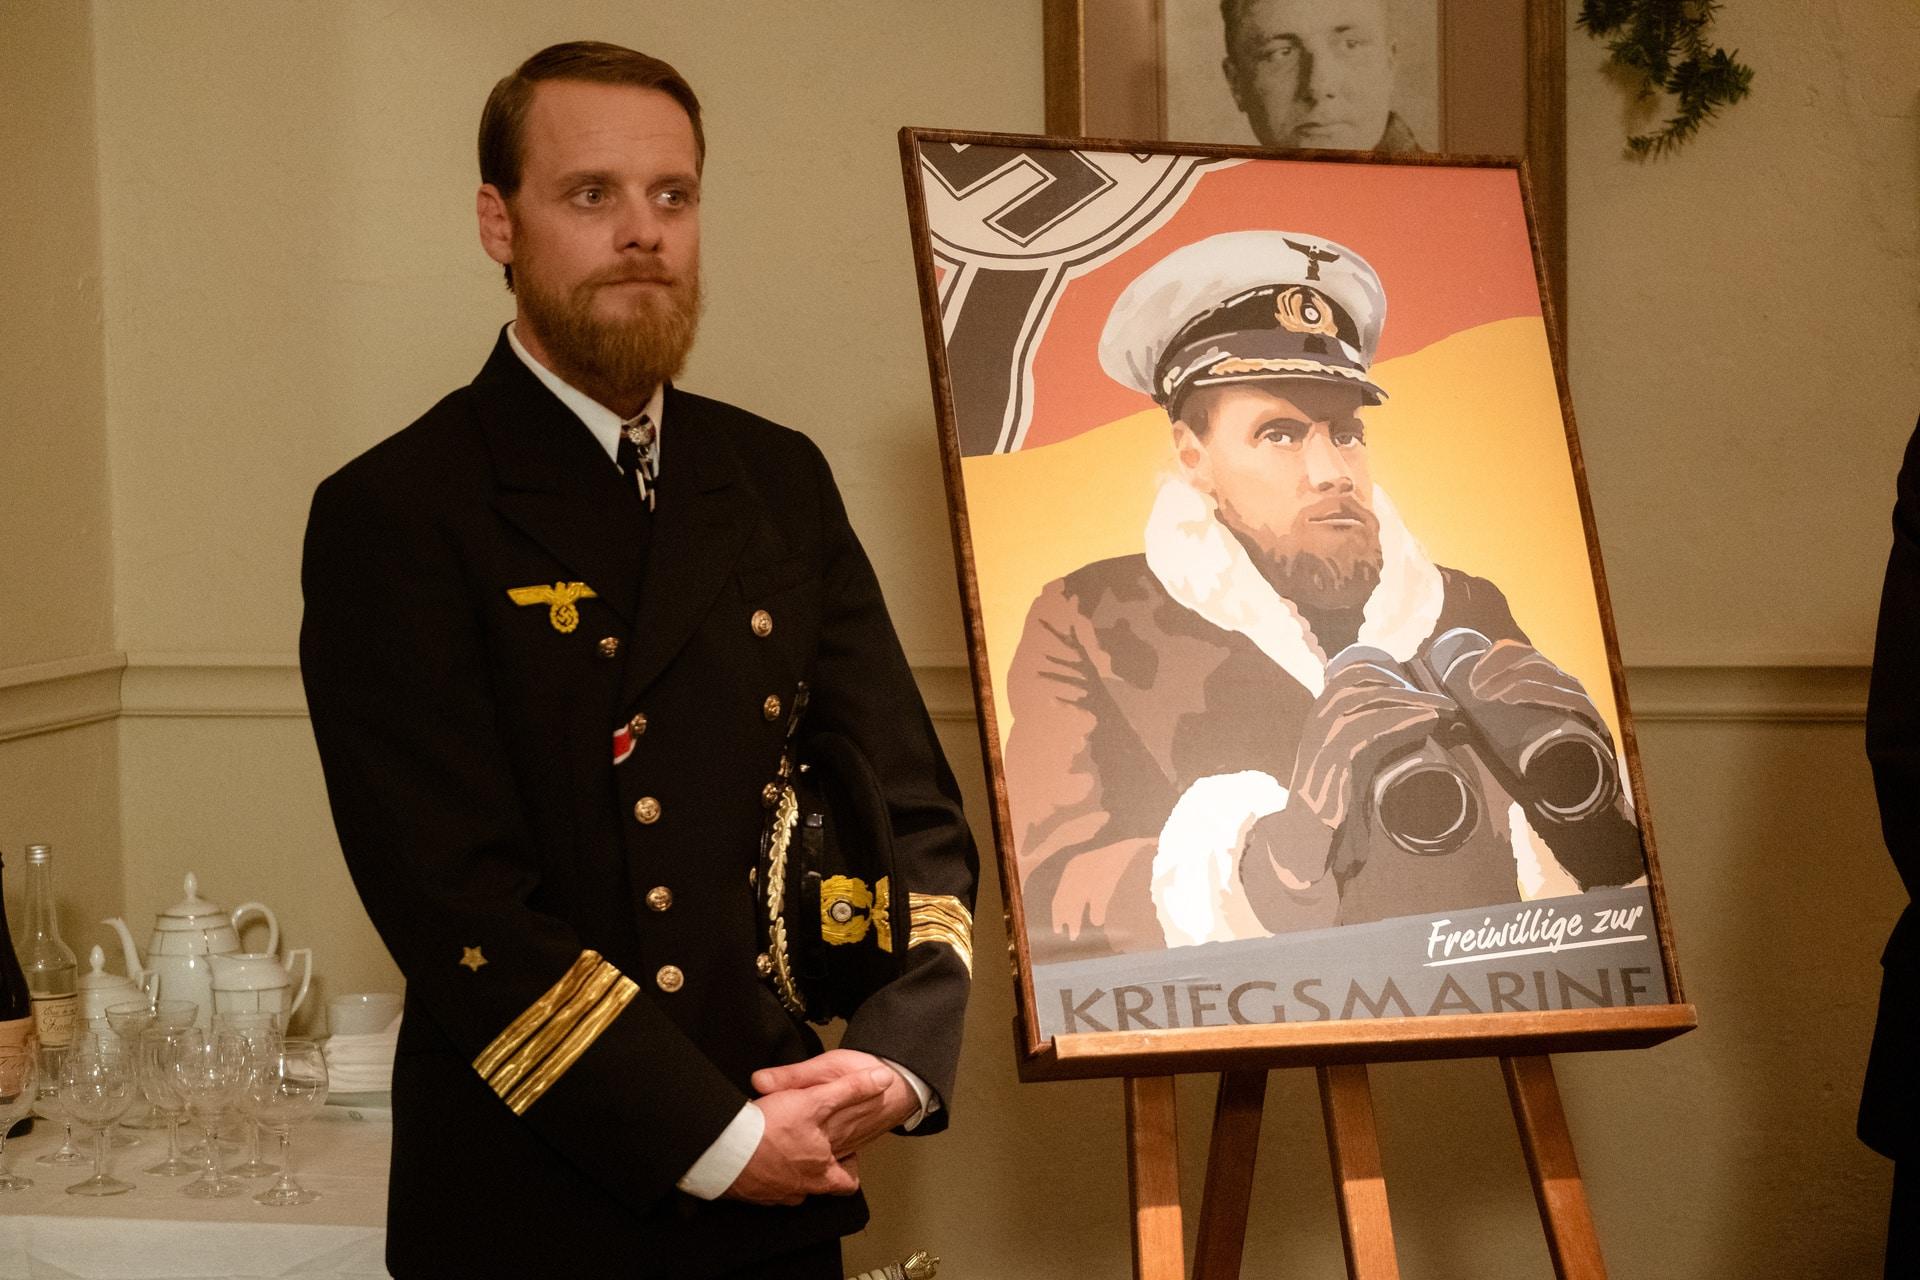 Das Boot - erster Teil der Serie am 27.12. um 20:15 Uhr im ZDF